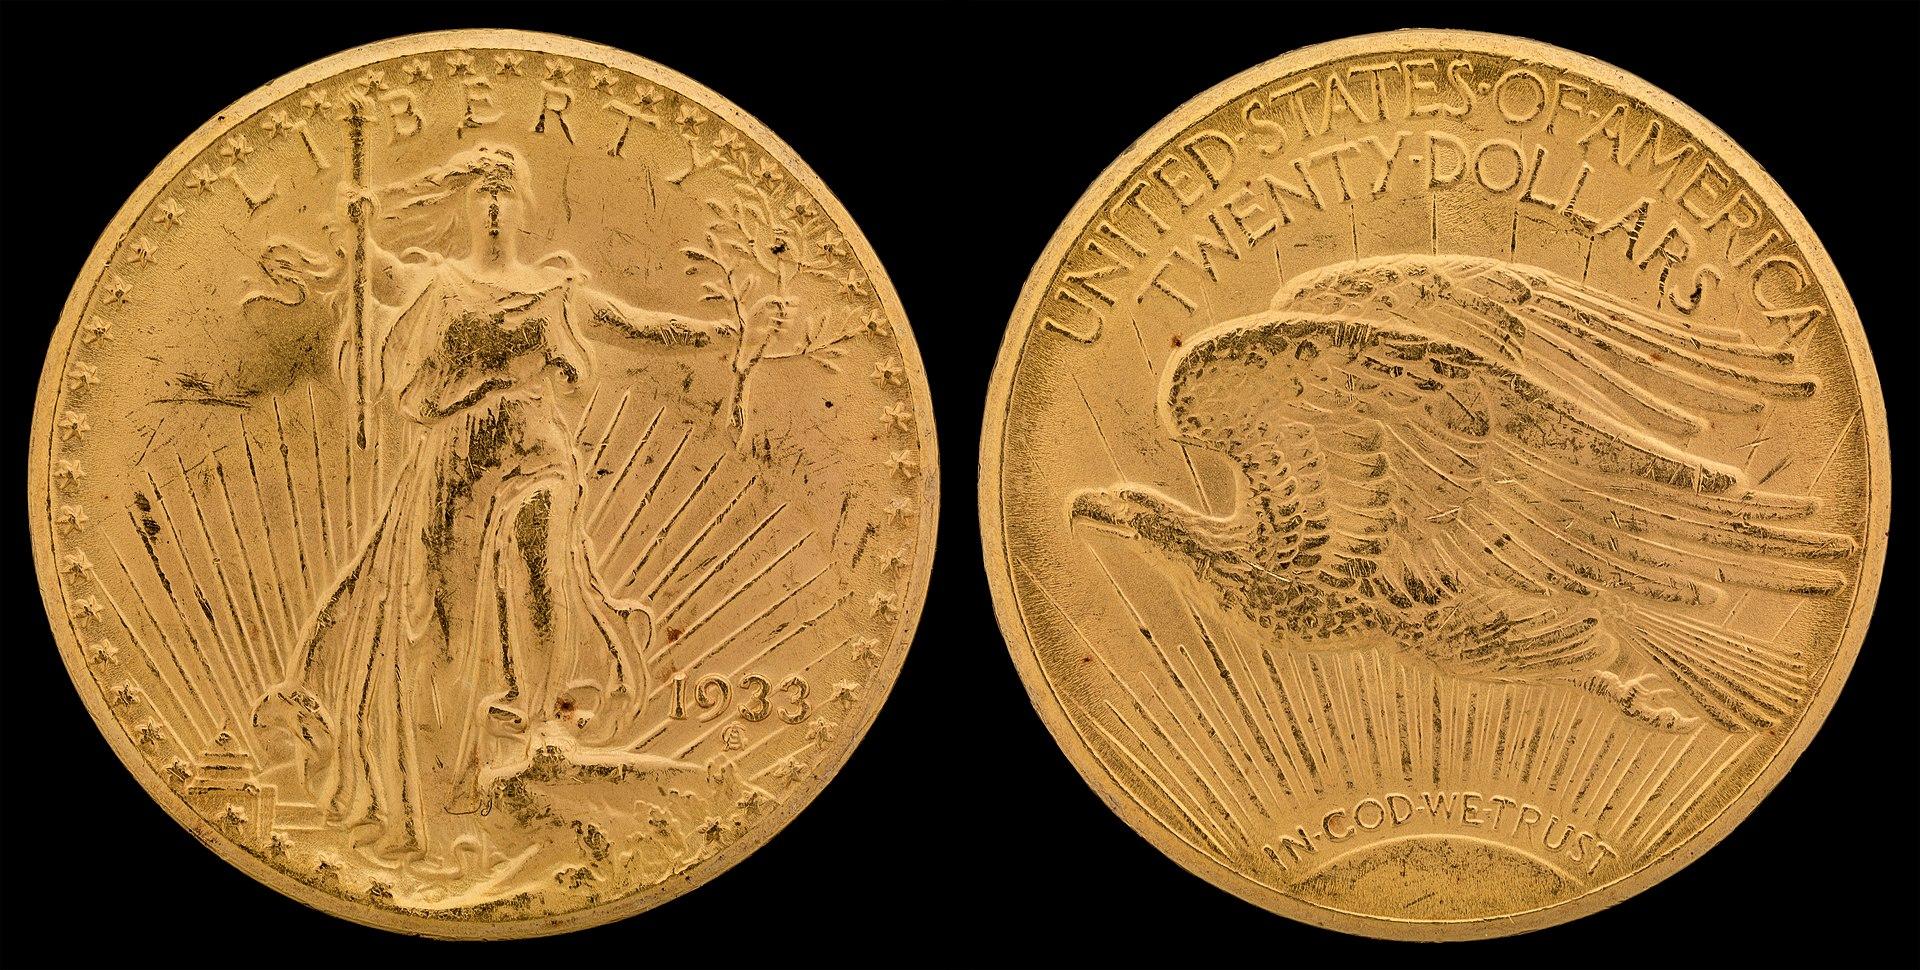 1933 Double Eagle Wikipedia